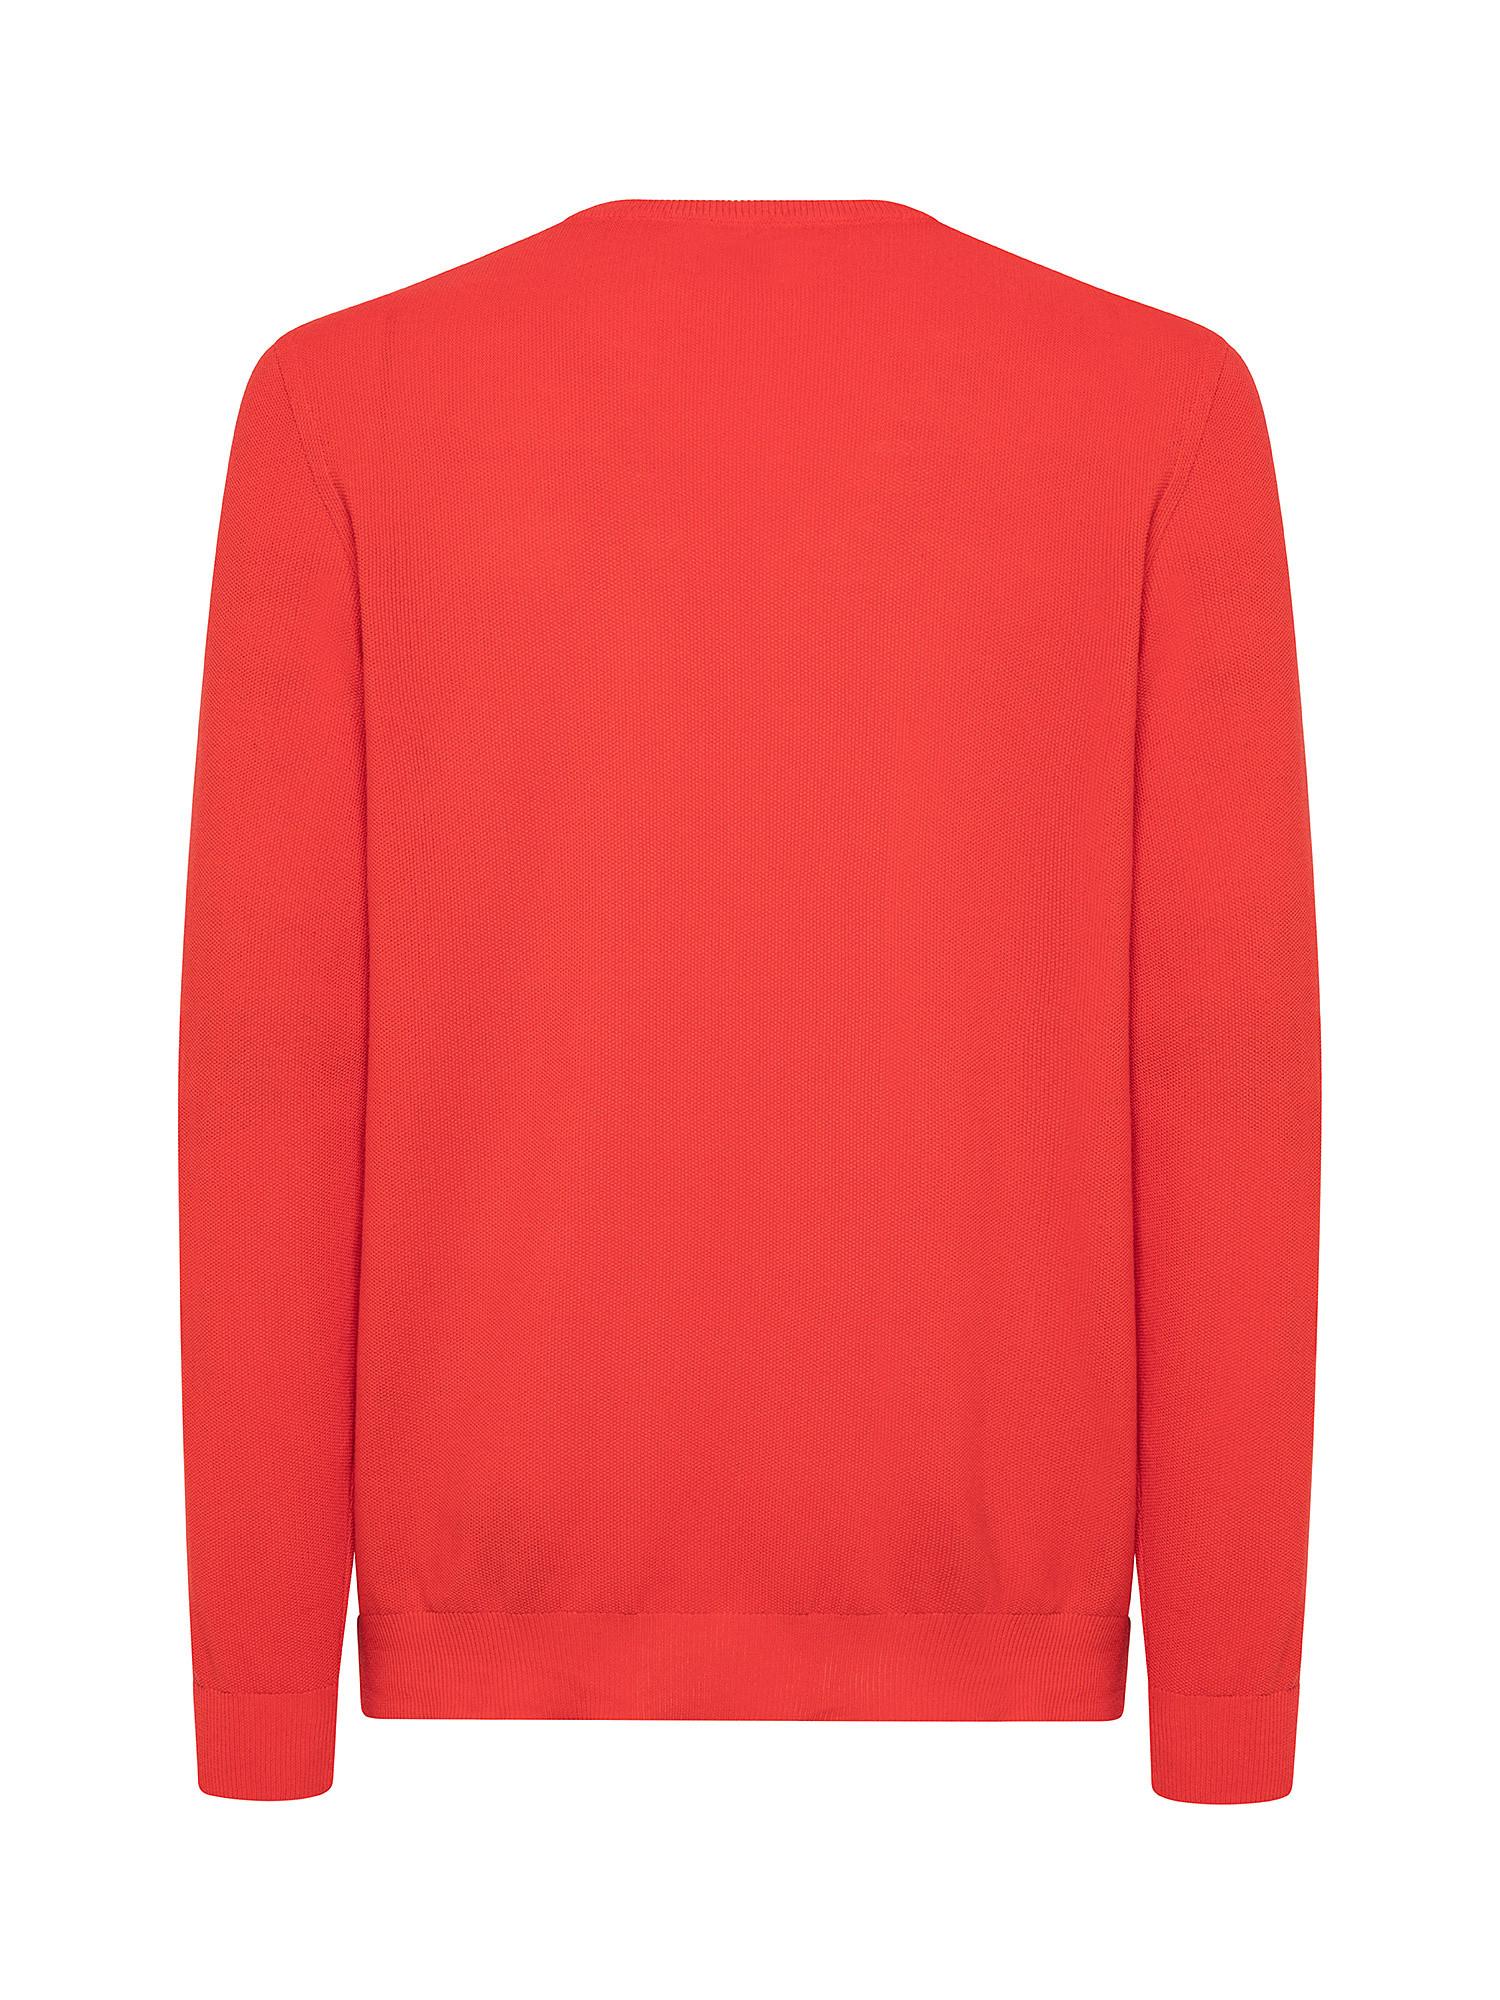 Maglia girocollo in cotone, Rosso corallo, large image number 1